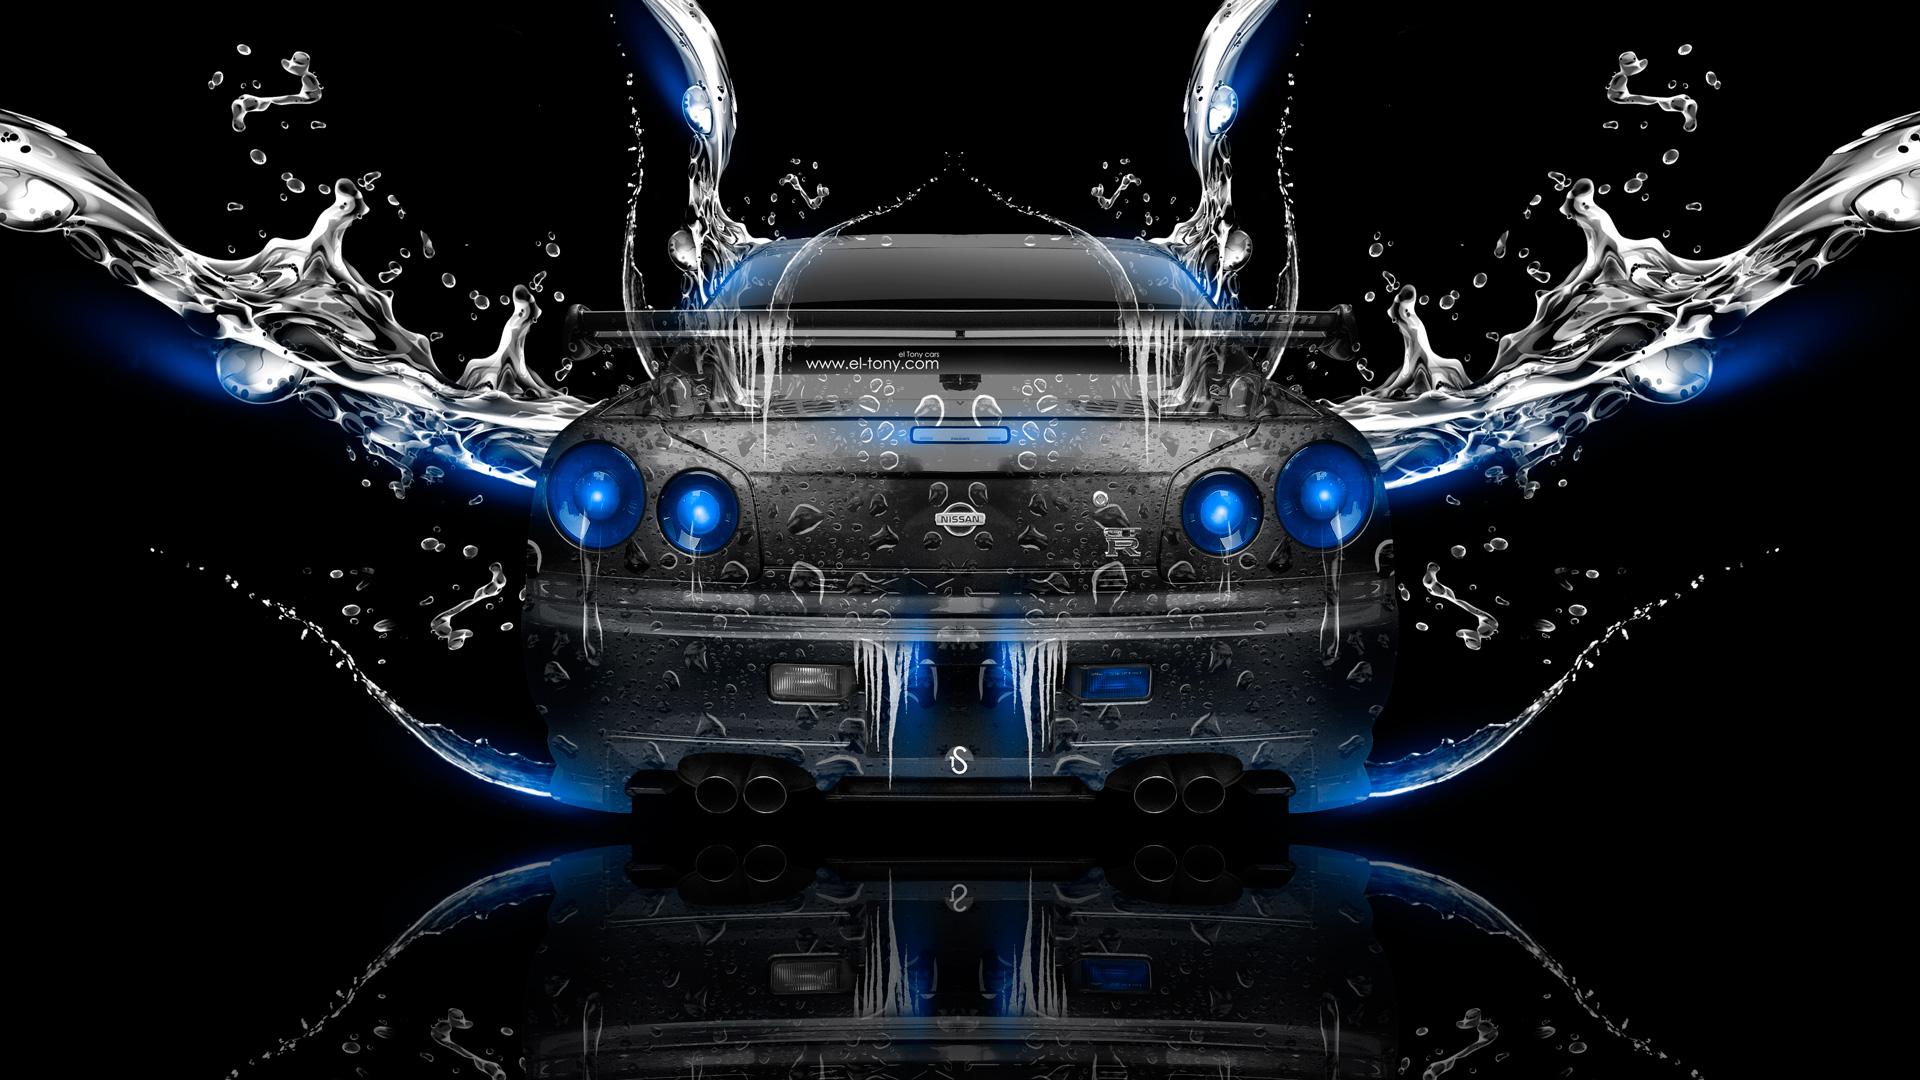 «Nissan Skyline GTR R34 JDM BackUp Water Car 2014 Photoshop Art Blue Neon HD Wallpapers Design By Tony Kokhan Www.el Tony.com_  (1920×1080) Nissan ...